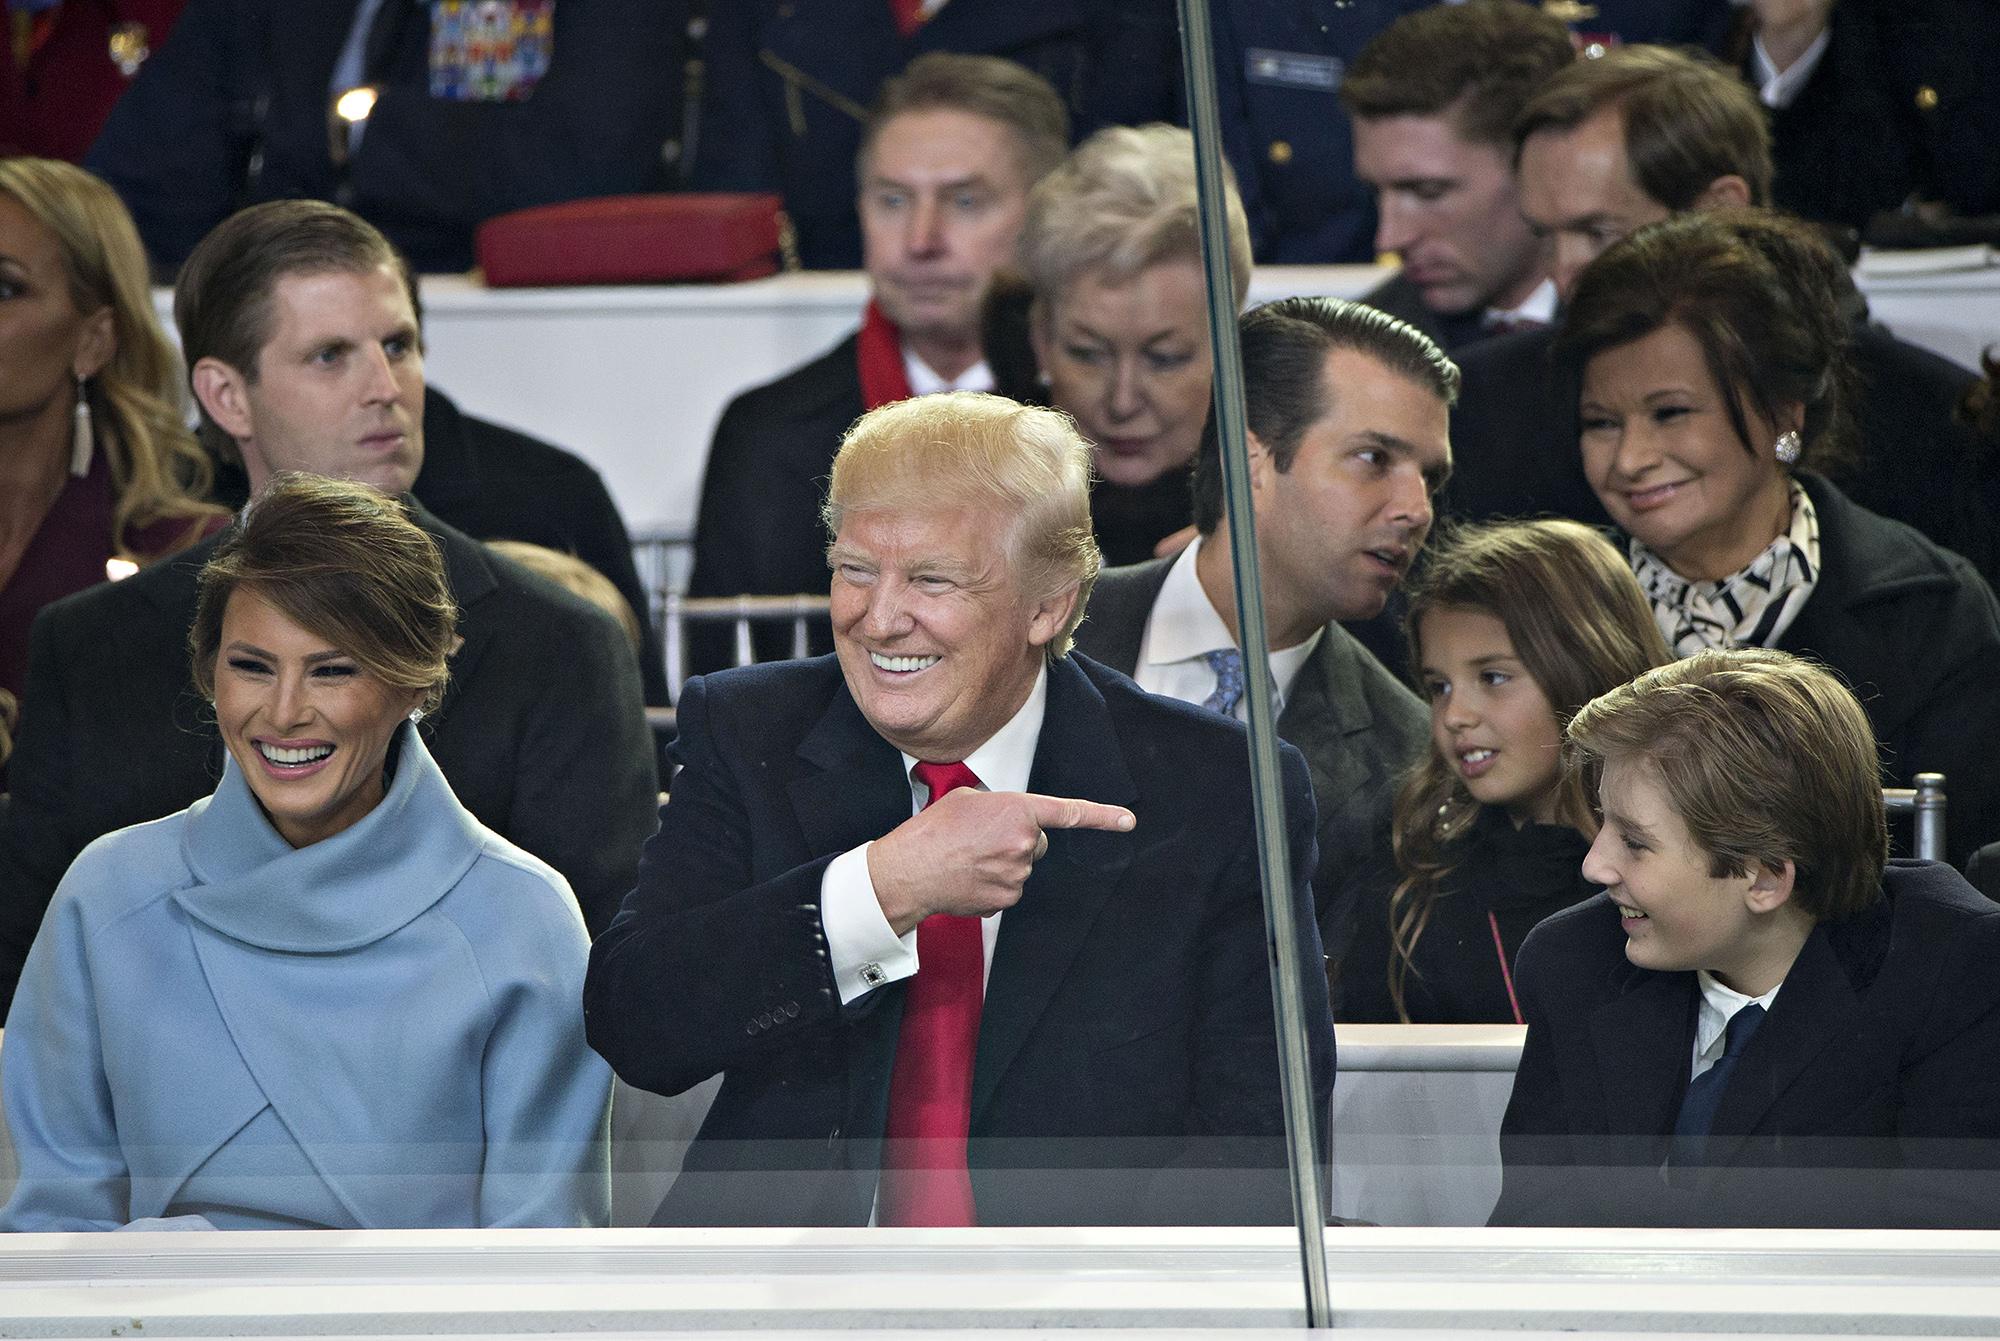 El Presidente Donald Trump, la Primera Dama Melania Trump, junto a su hijo Barron Trump, durante el 58° desfile de Inauguración Presidencial.